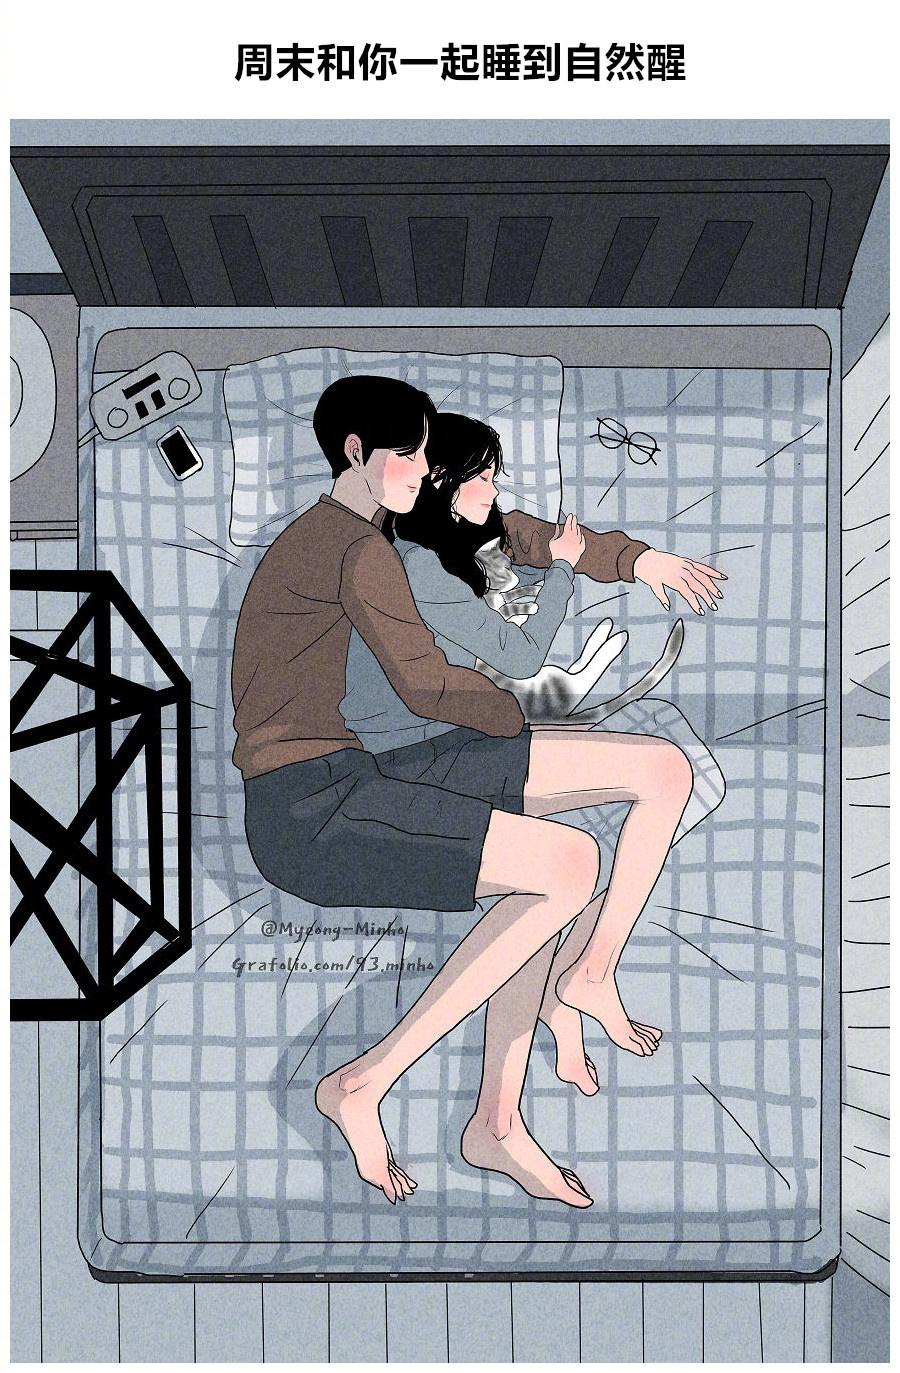 漫情侣Myeong-Minho用画师画下了一对画笔的漫画的碧海精灵图片